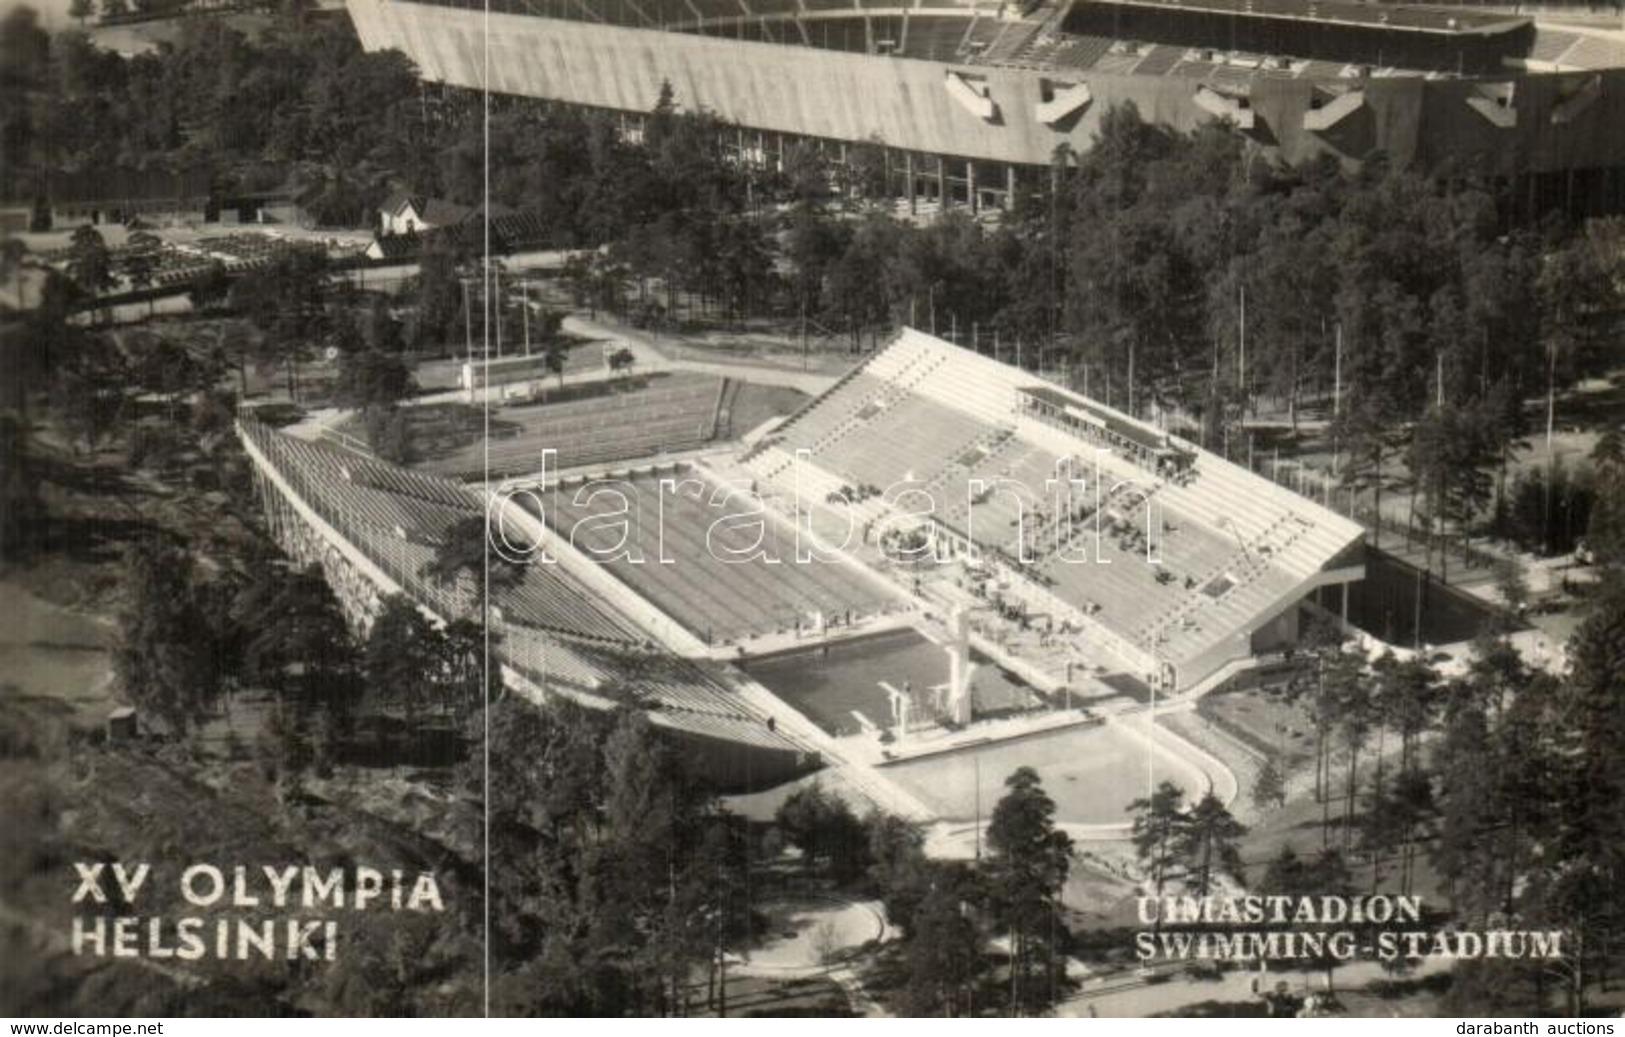 T2 1952 Helsinki, Hellsingfors; Uimastadion, XV Olympia / Swimming Stadium, Summer Olympics, So. Stpl - Cartes Postales